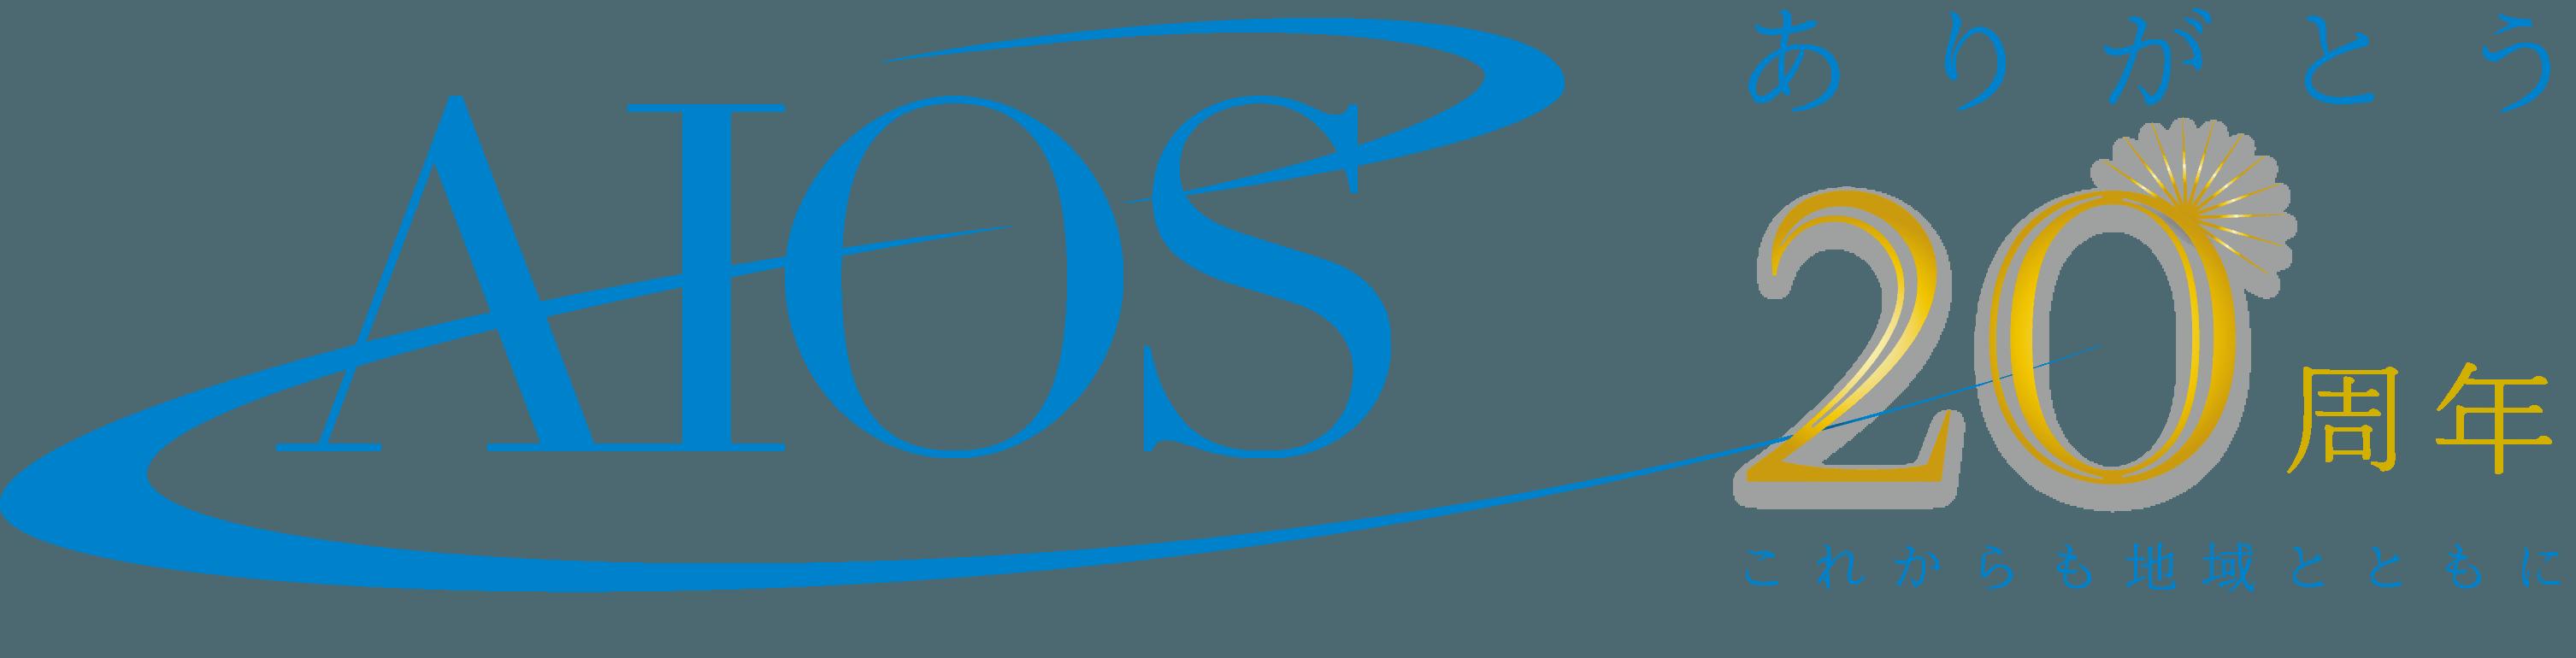 株式会社アイオス - AIOS